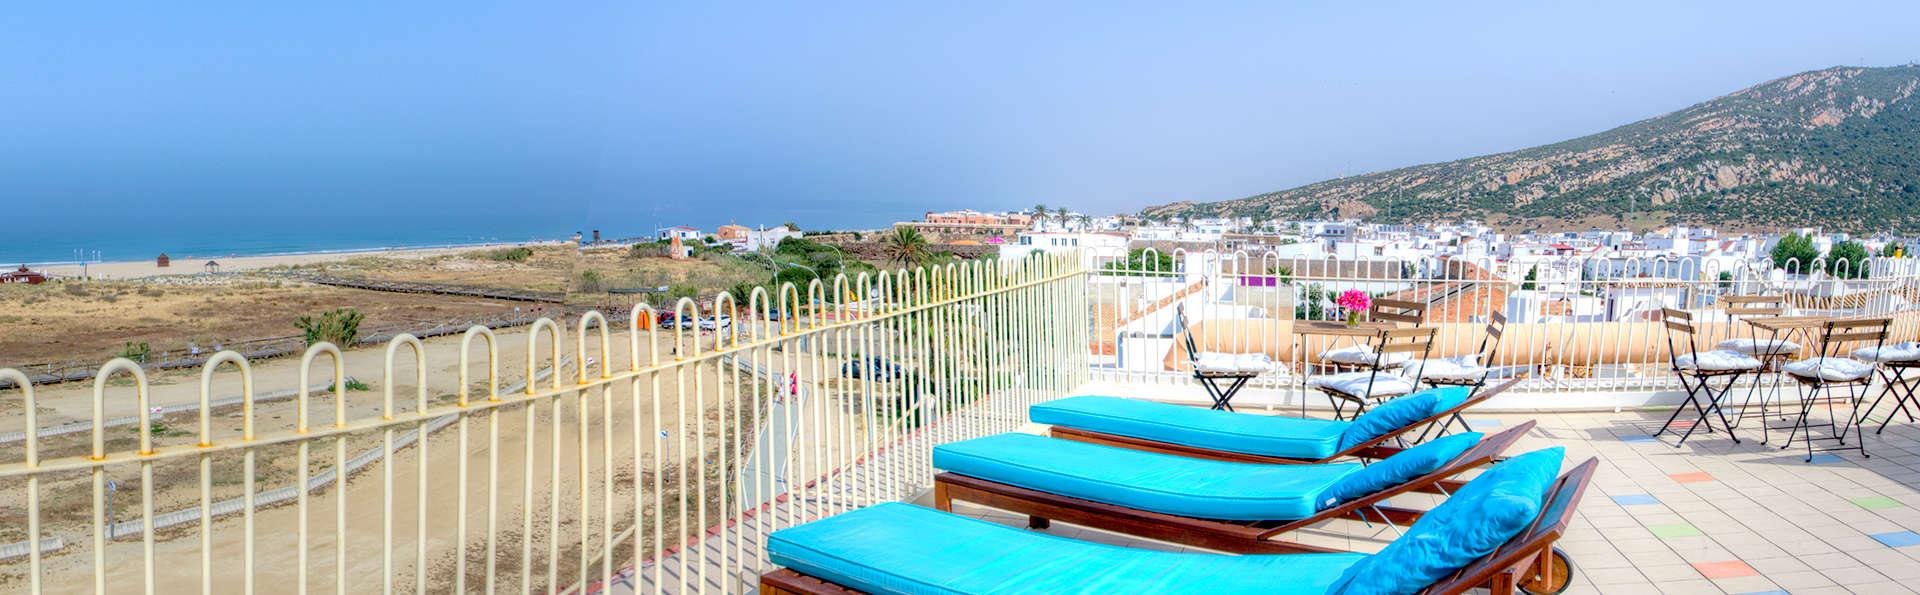 Escapada cerca de la playa de Zahara de los Atunes con desayuno